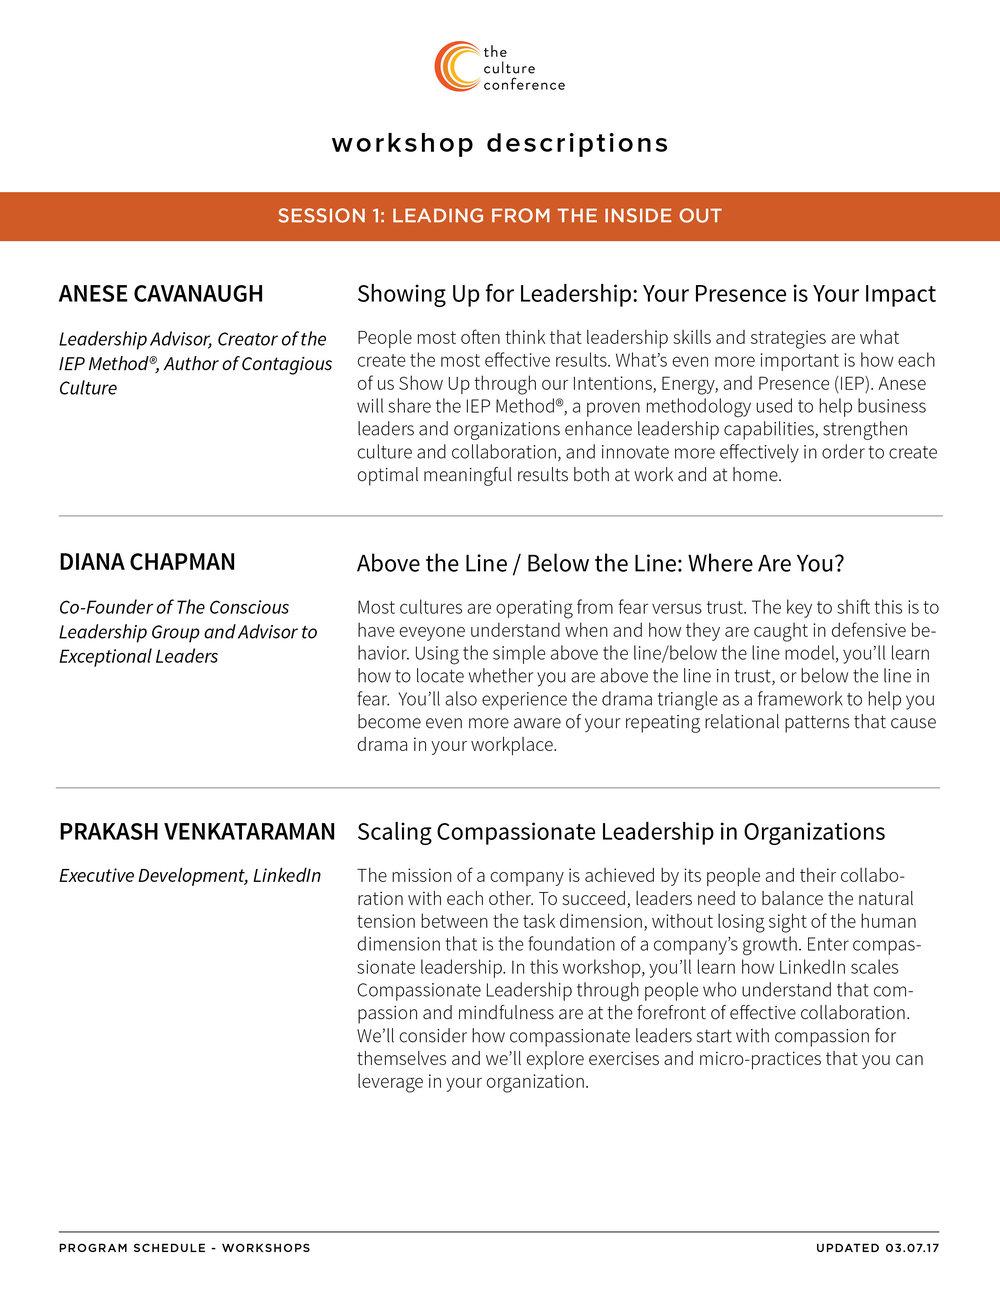 Program Schedule_Workshops_v2.jpg